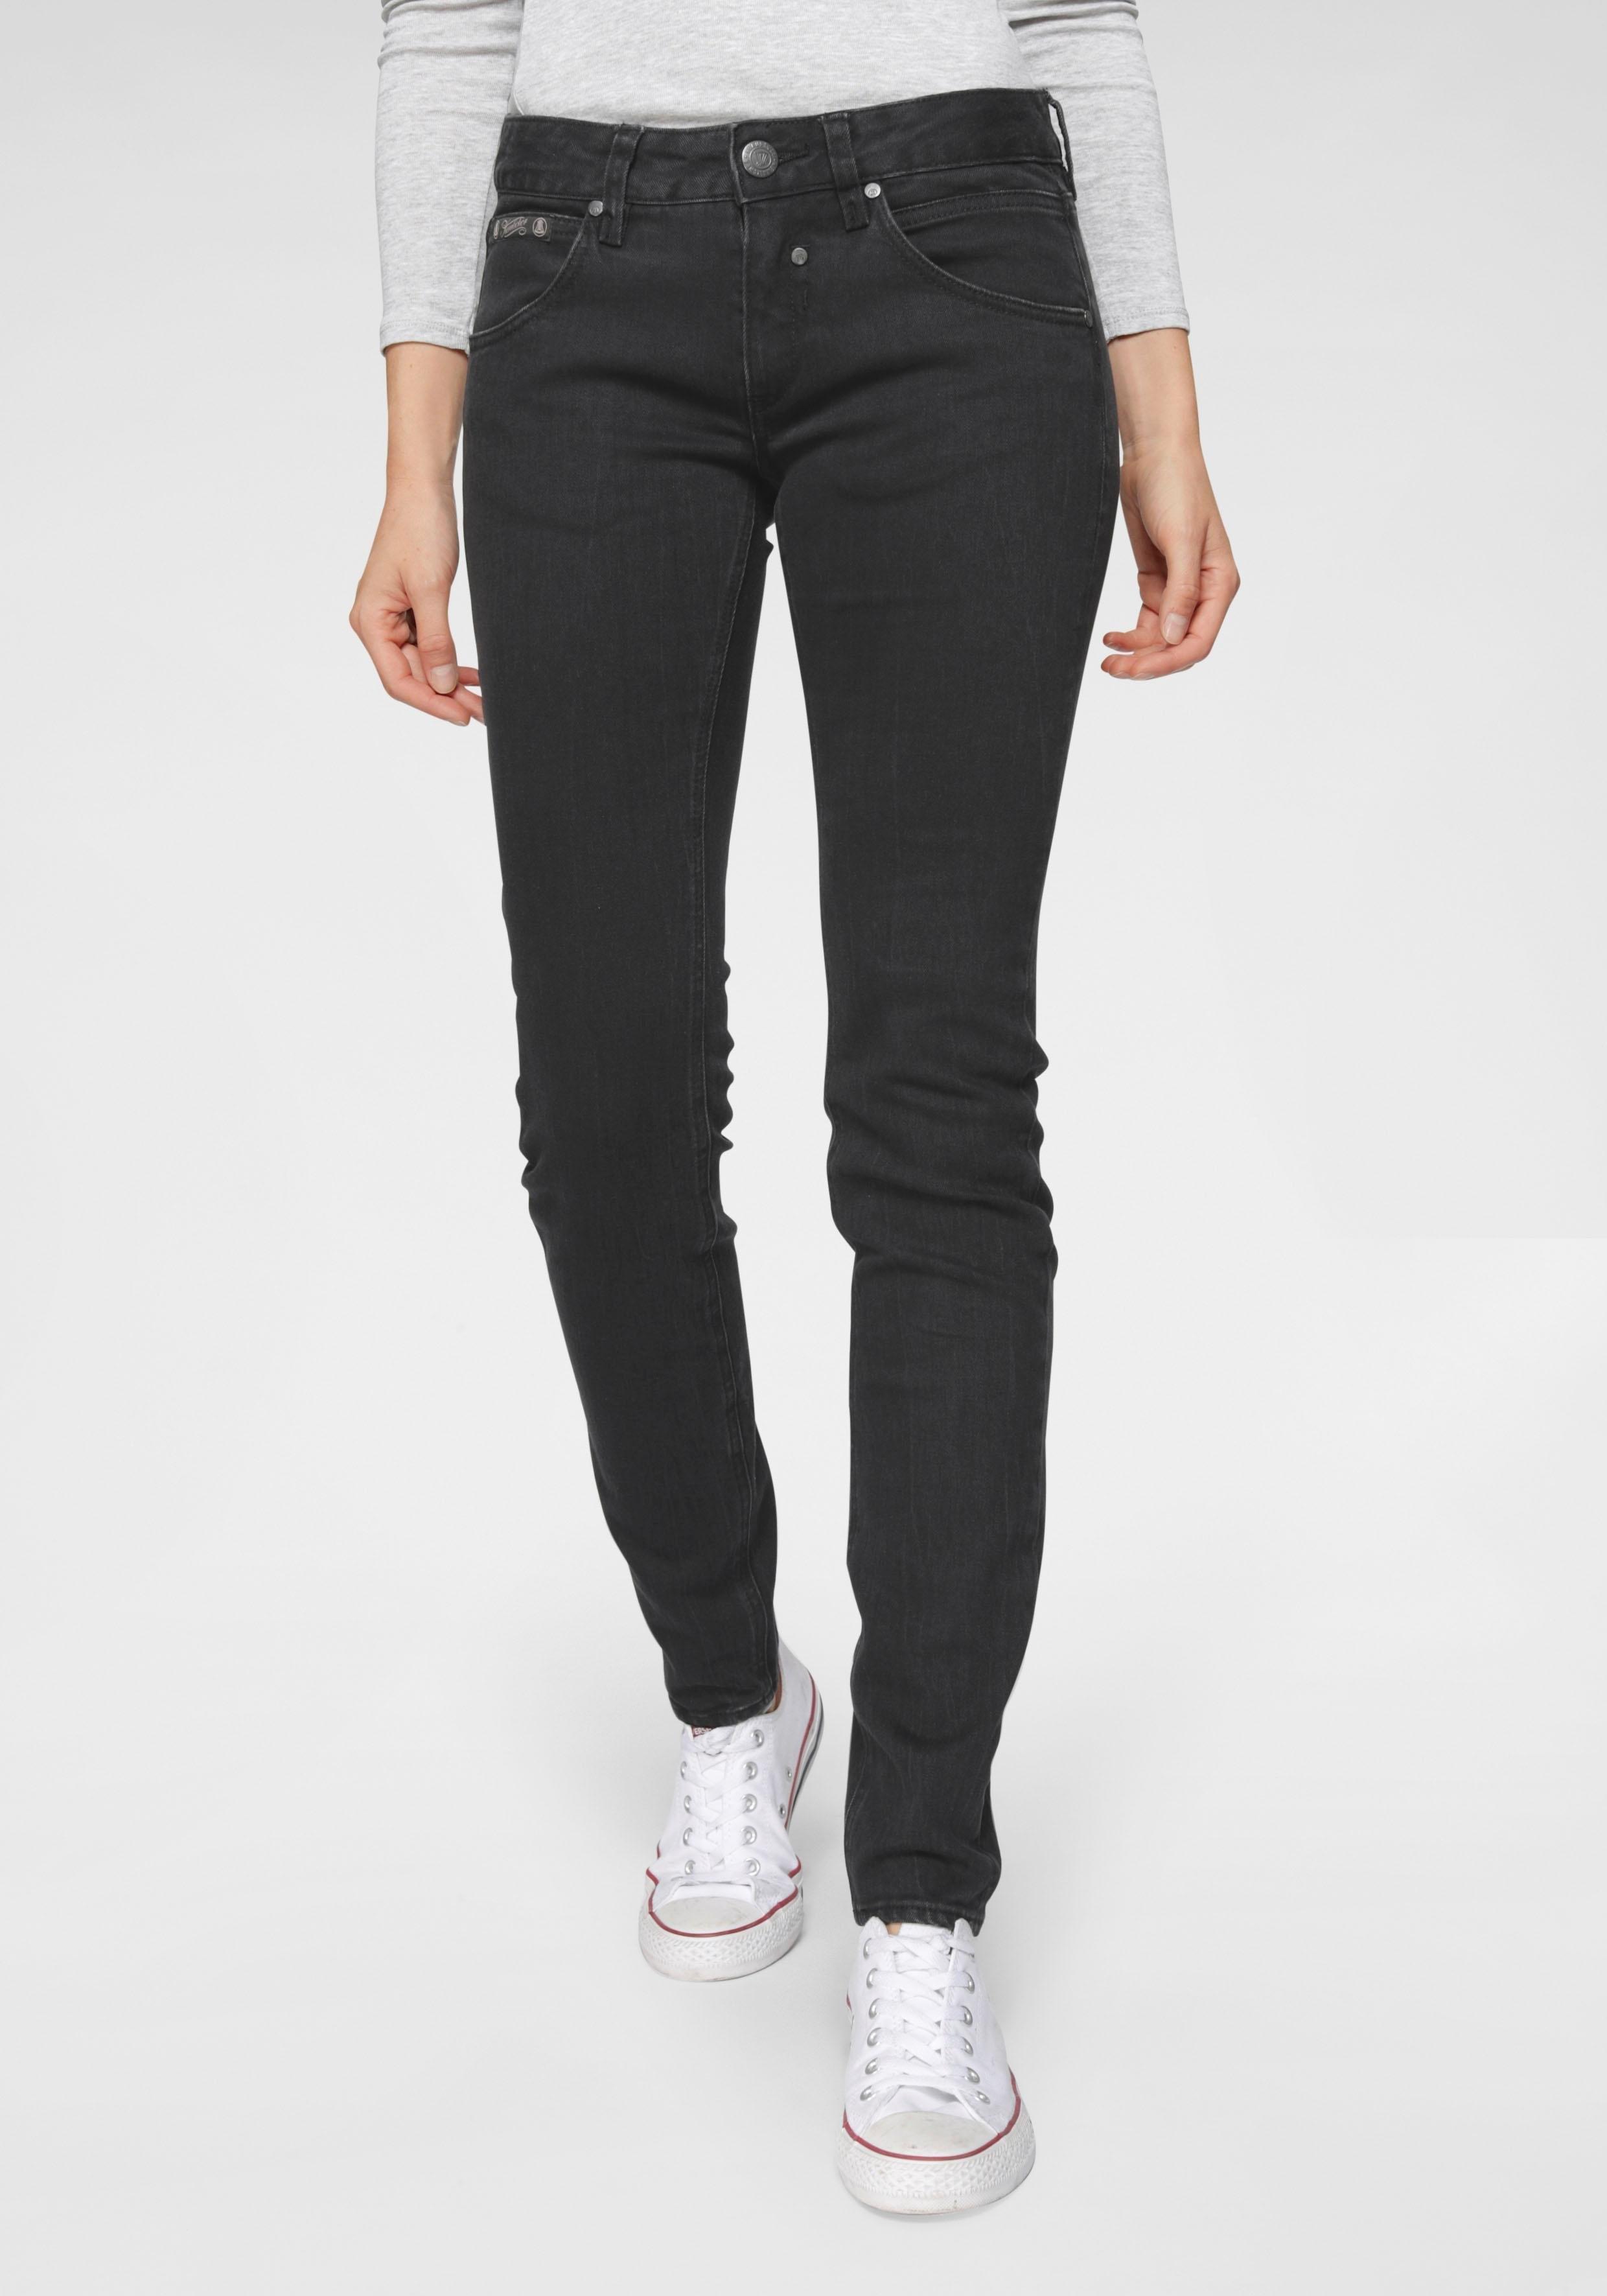 Herrlicher slim fit jeans »TOSH-SLIM« bestellen: 14 dagen bedenktijd